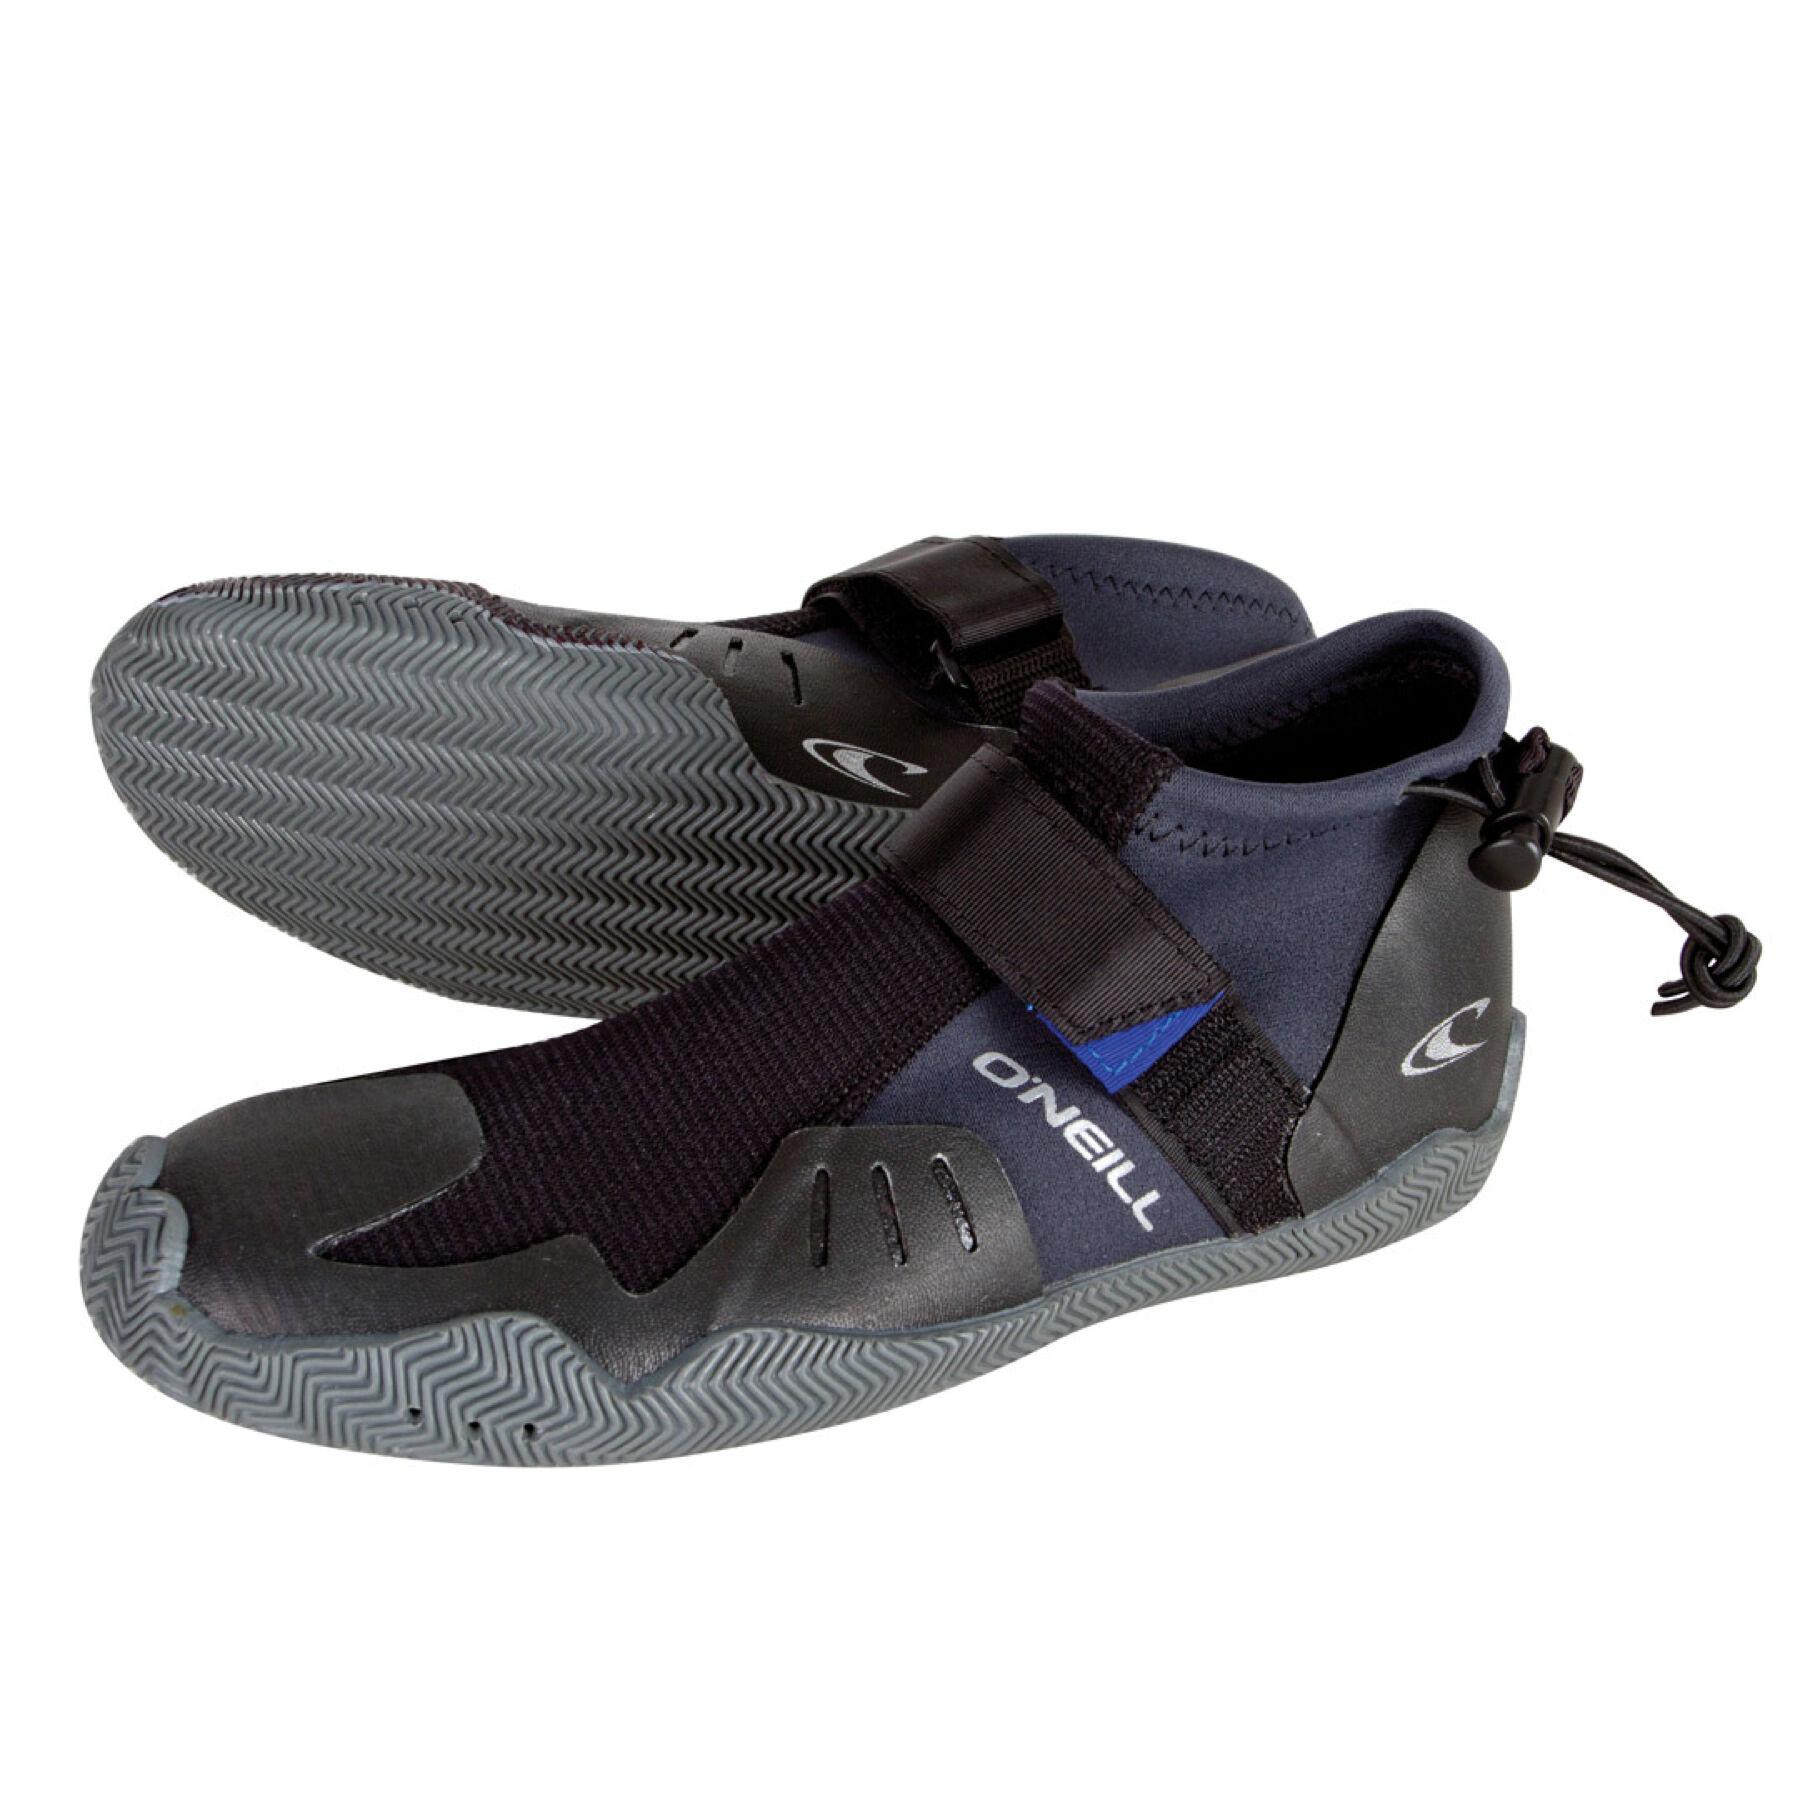 Chaussures De Surf Pour Les Hommes Noirs pRaIW1s